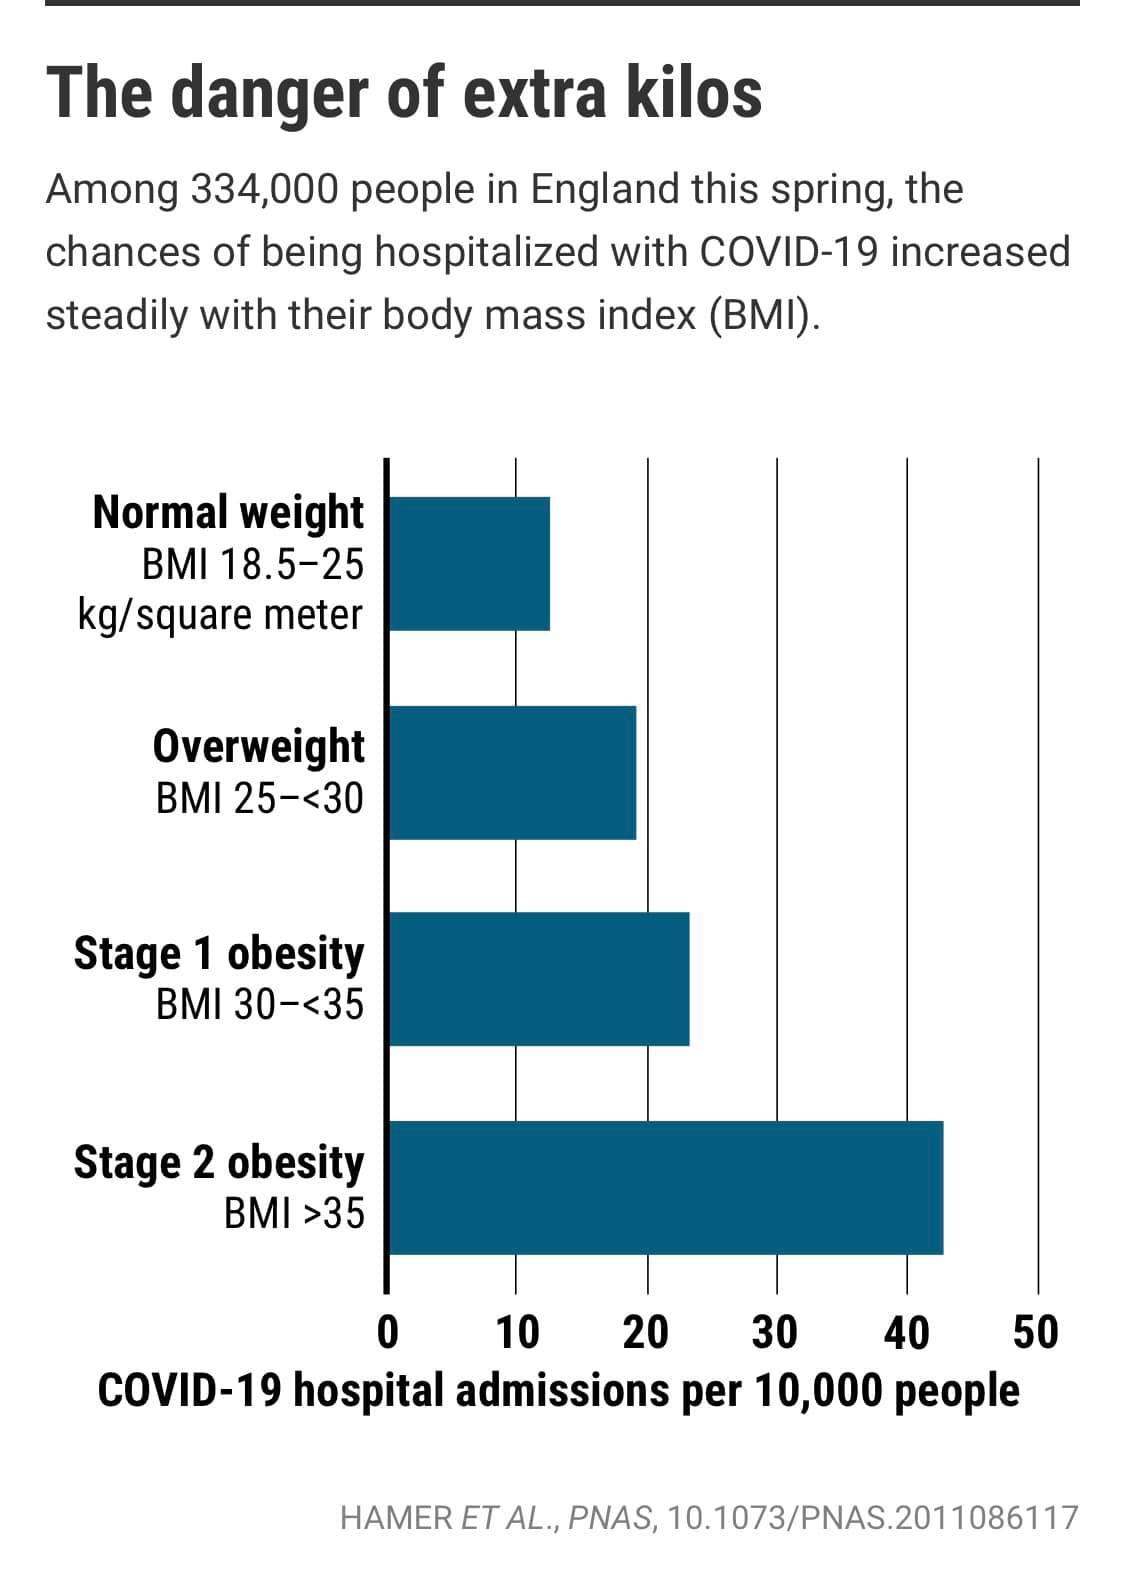 หมอเตือน!! คนอ้วนมีสิทธิ์ติดโควิดและเสียชีวิตสูง แนะต้องพยายามลดน้ำหนัก รีบจองคิวฉีดวัคซีนโดยด่วน